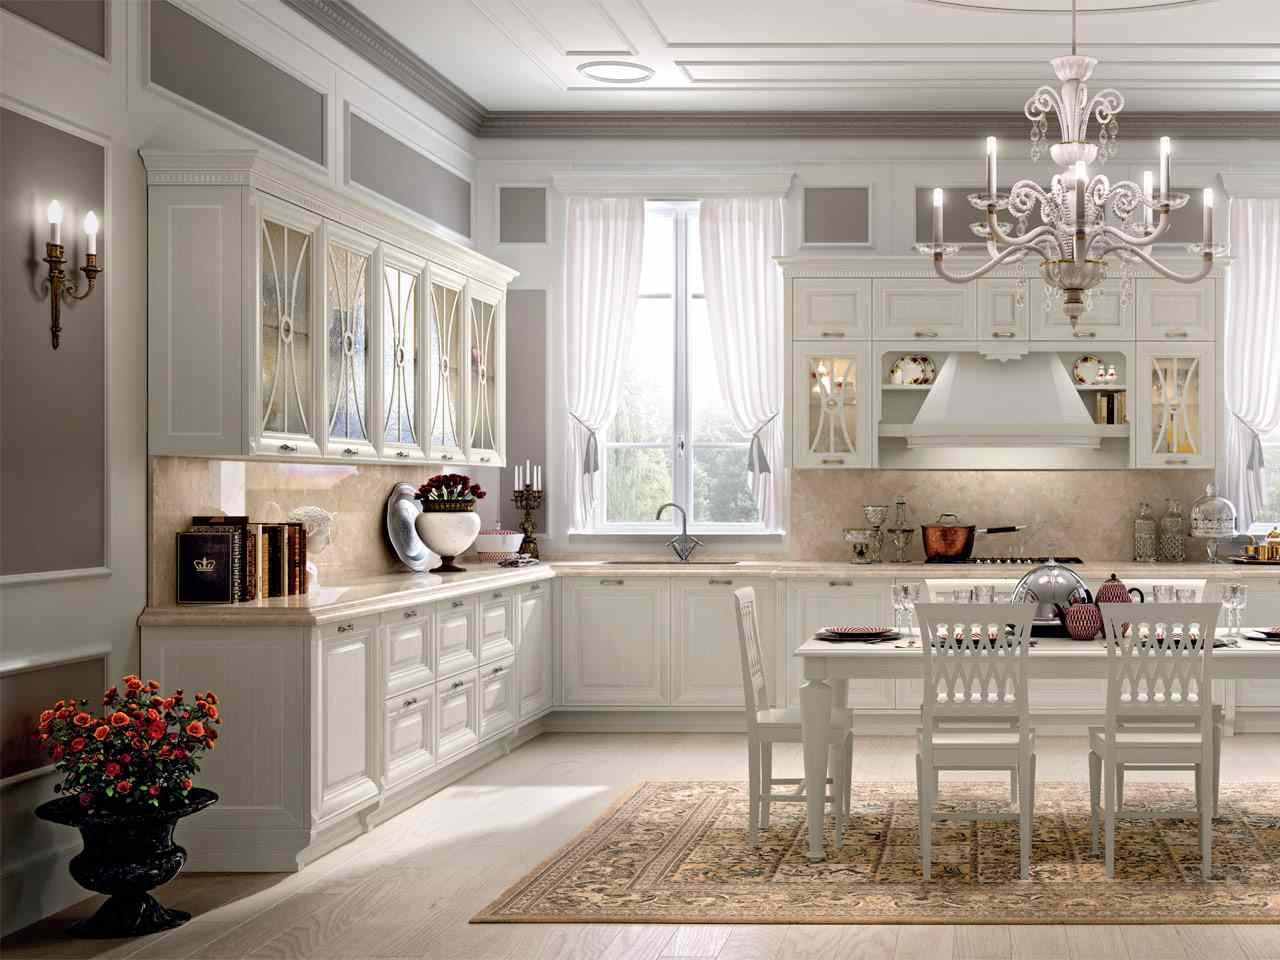 Luxus Kuchen 22 Luxus Kuchen Trend Kuchen Inspiration Schon Kuchen